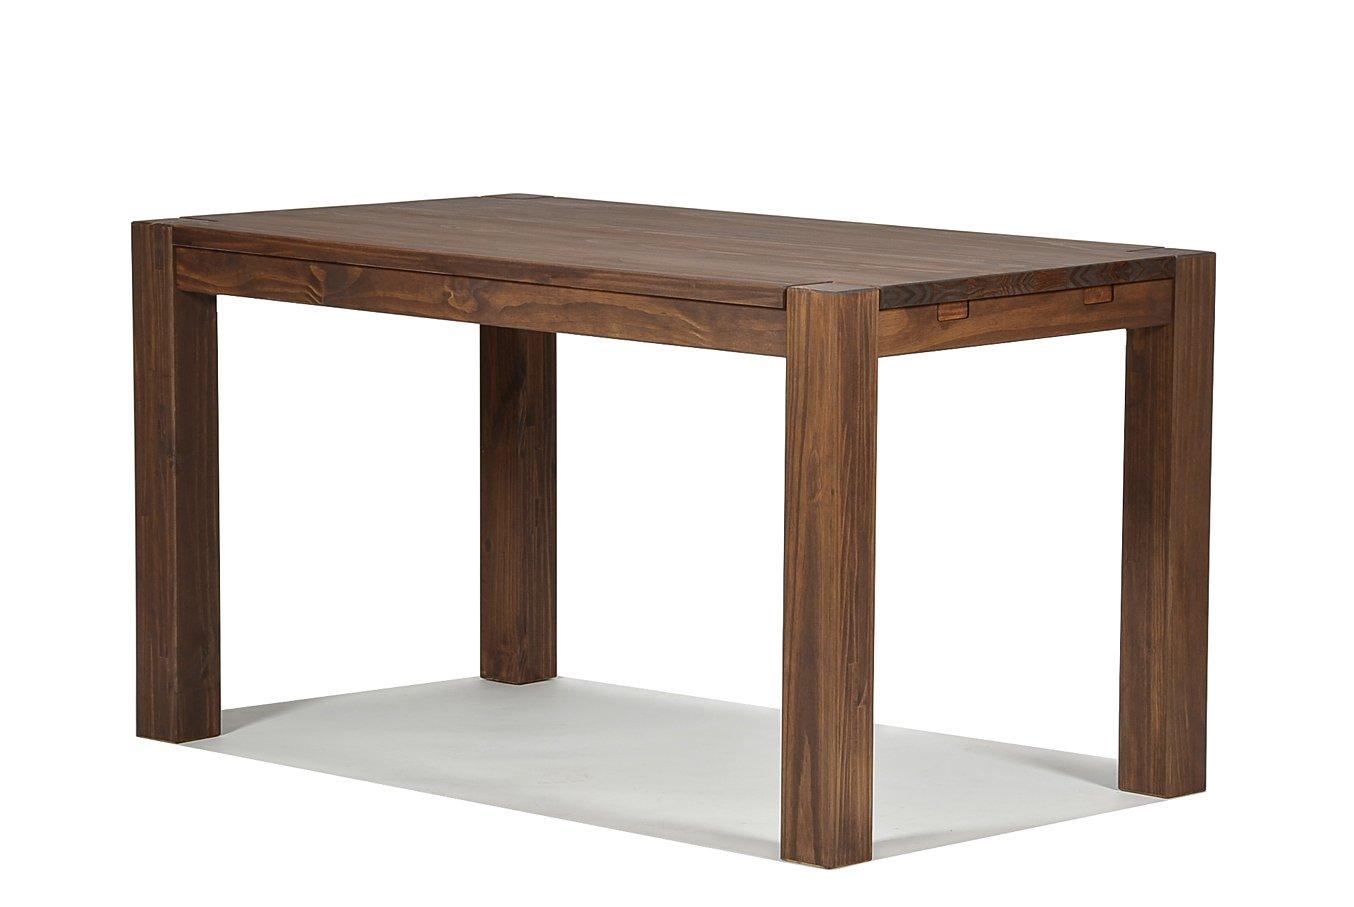 Esstisch Rio Bonito 140x80 cm, Pinie Massivholz, geölt und gewachst, Holz Tisch für Esszimmer, Wohnzimmer Küche, Farbton Cognac braun, Optional  passende Bänke und Ansteckplatten